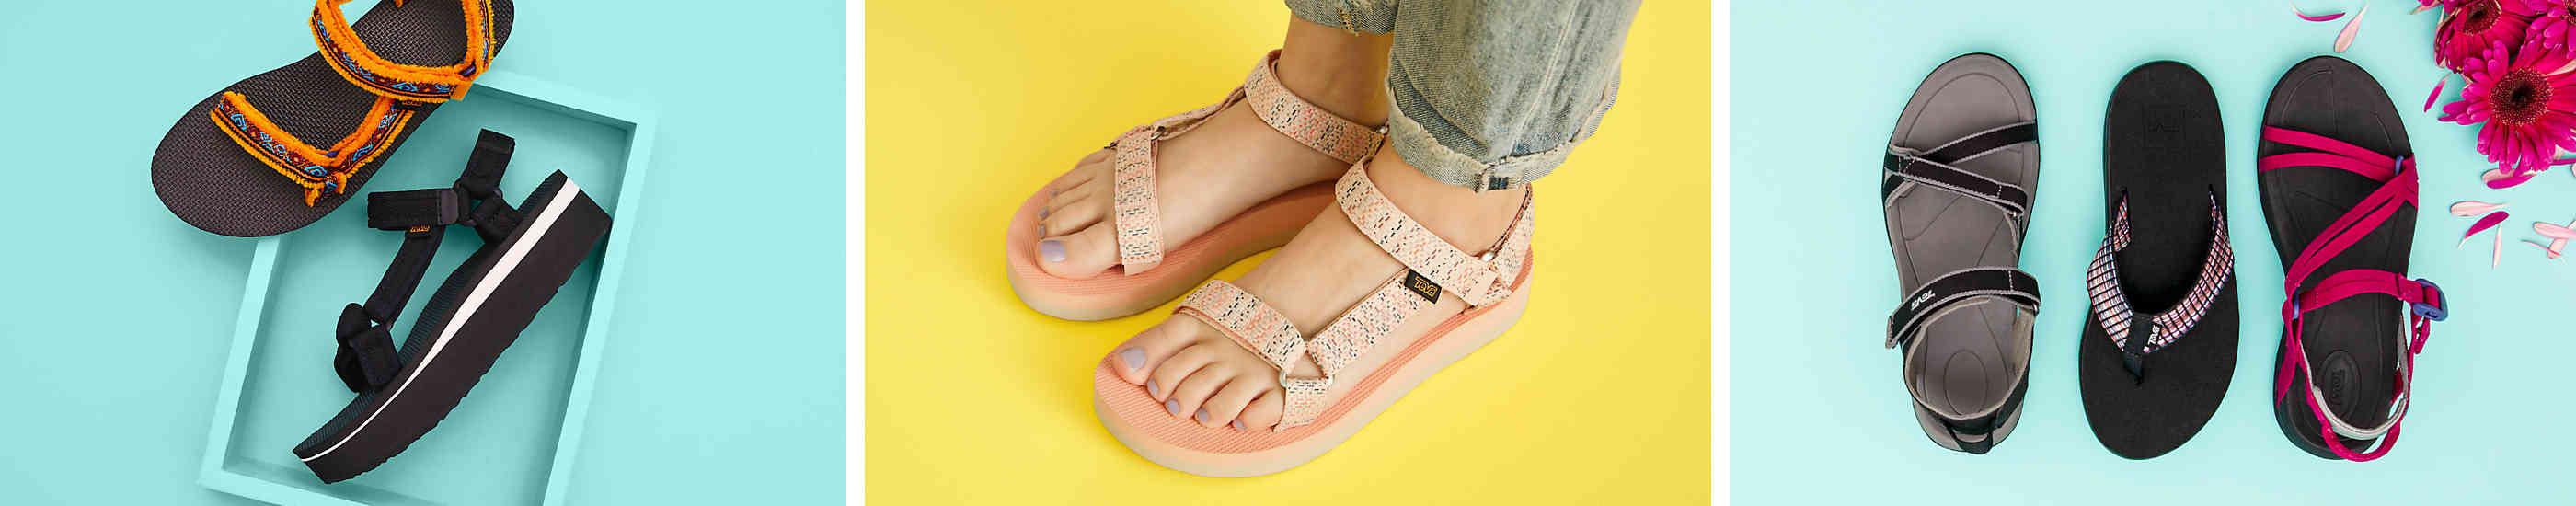 16c227228ddcc Teva Sandals